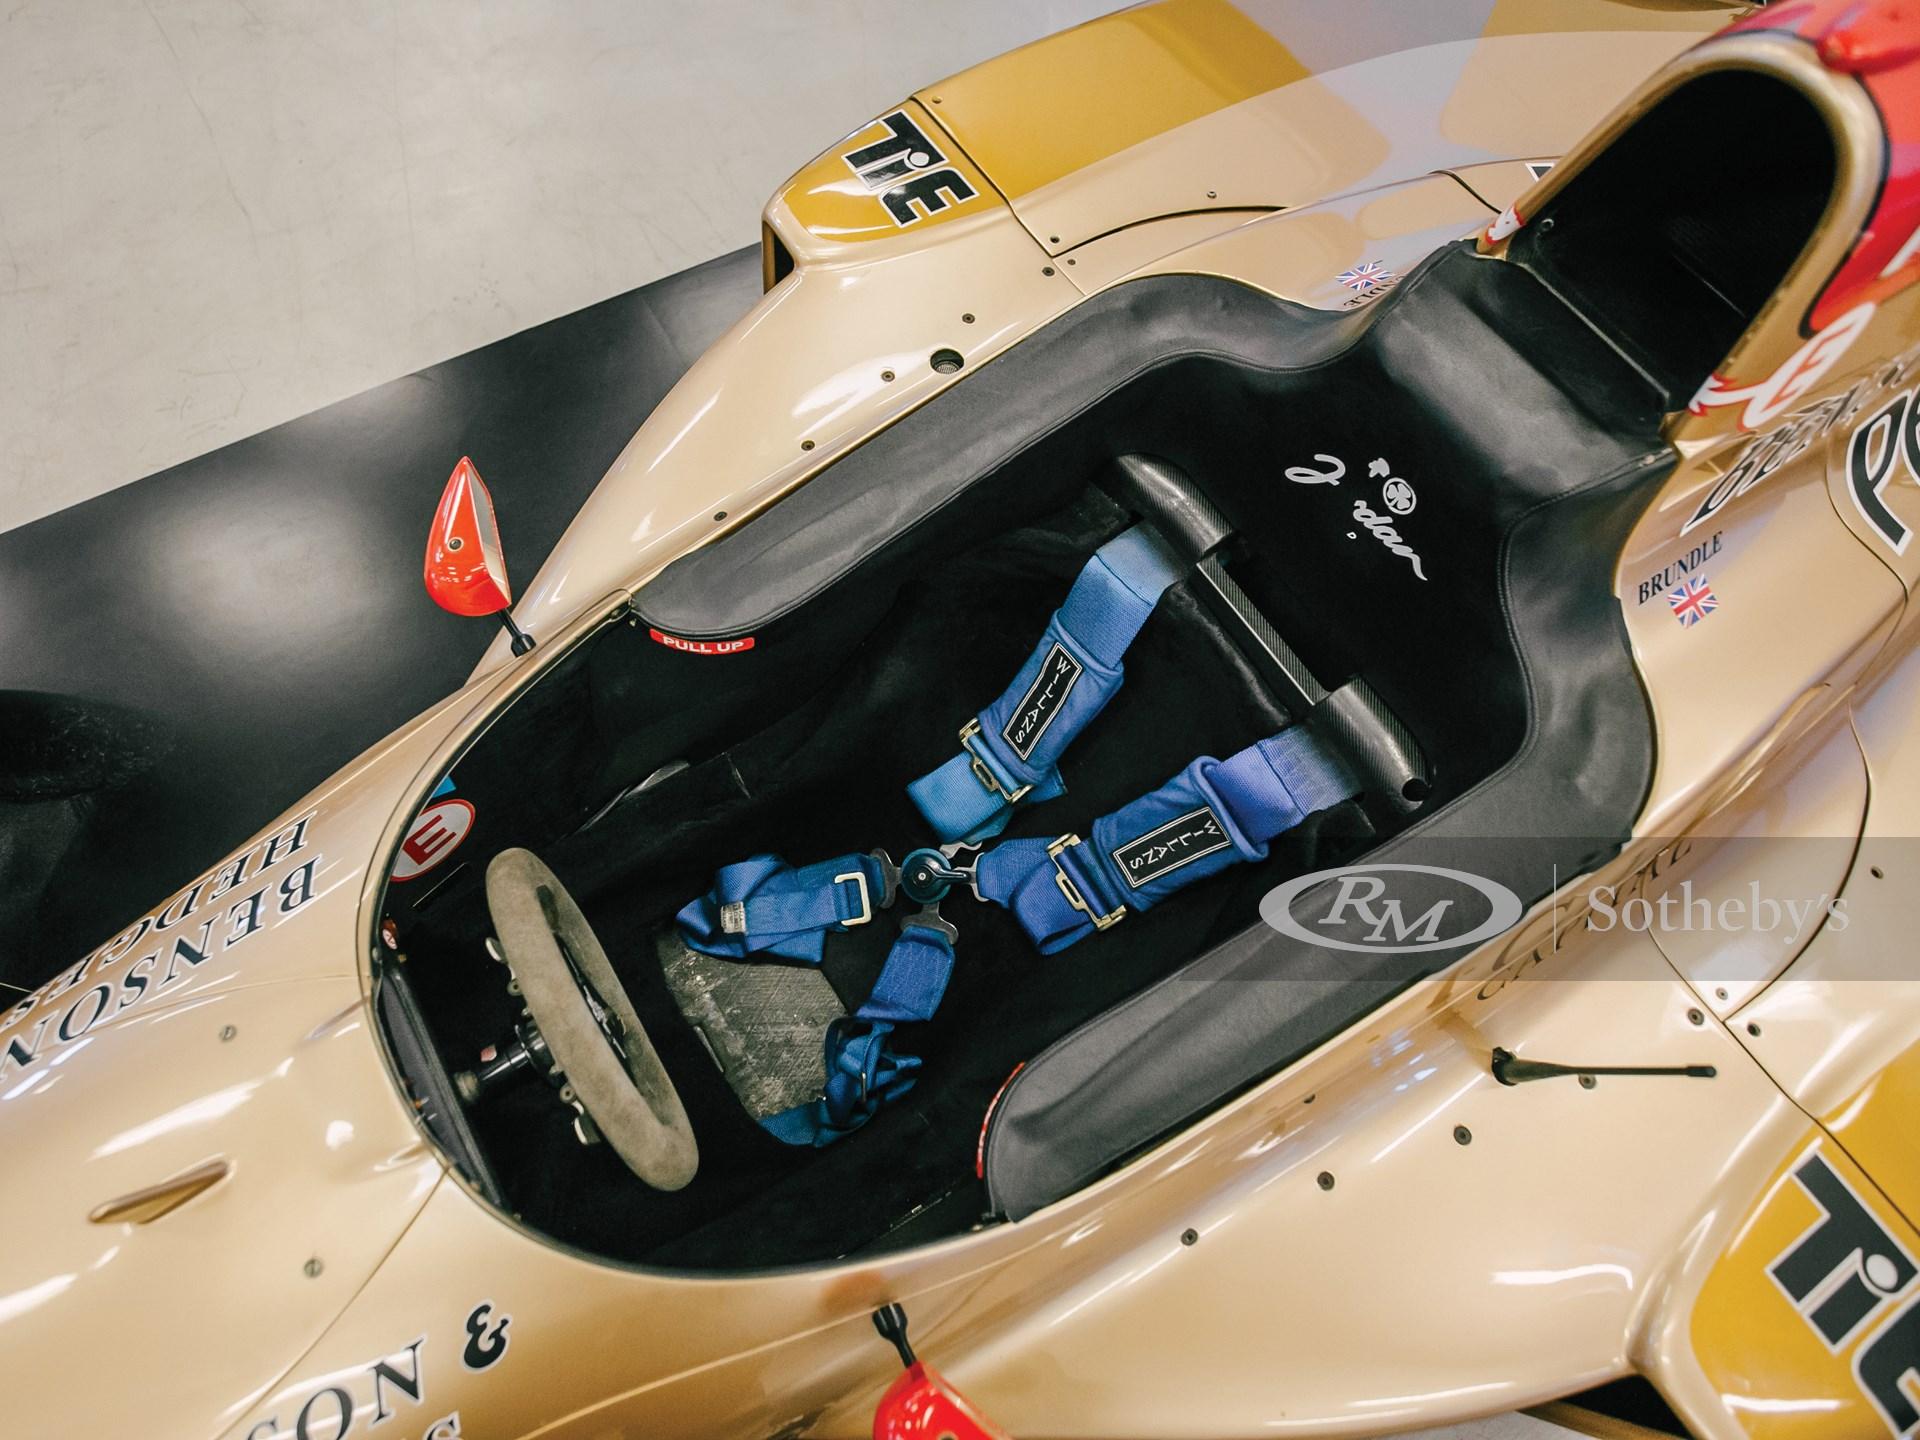 1996 Jordan 196 Formula 1  -